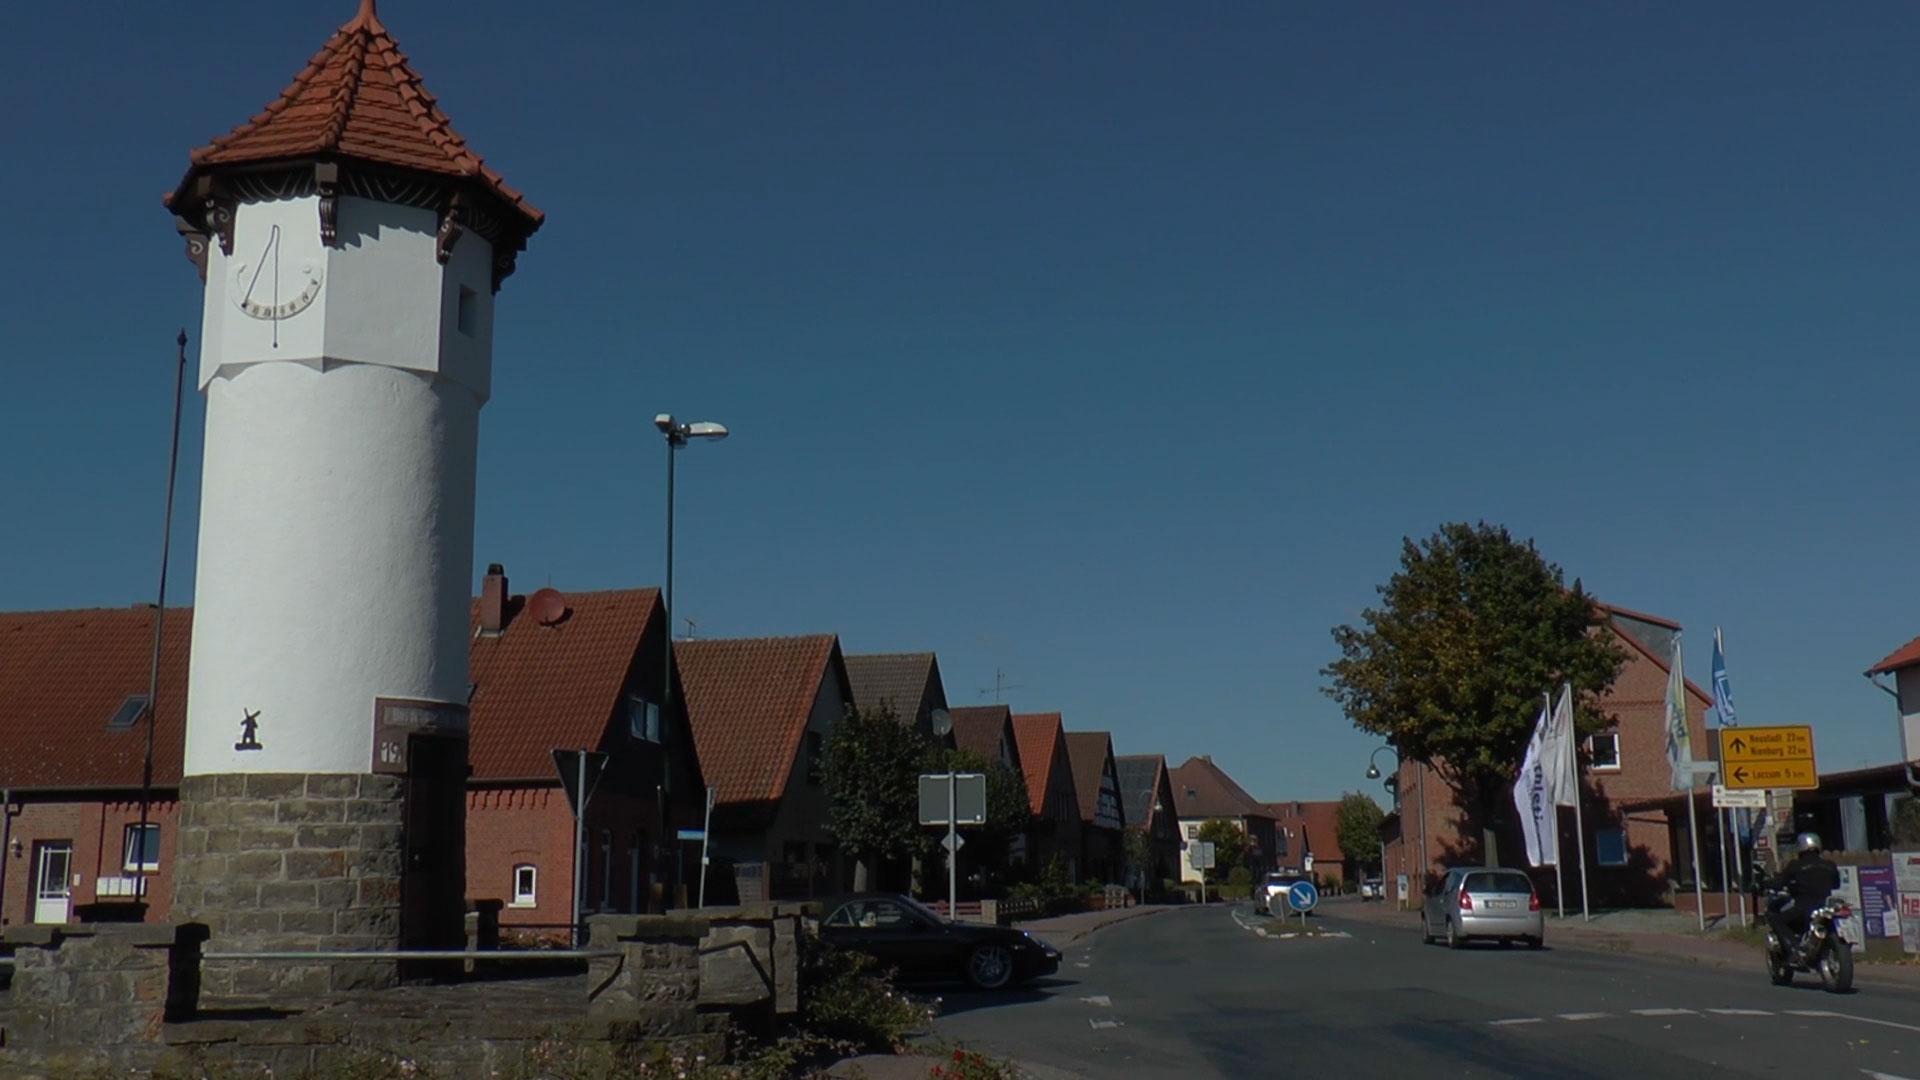 Wetter Rehburg Loccum Niedersachsen